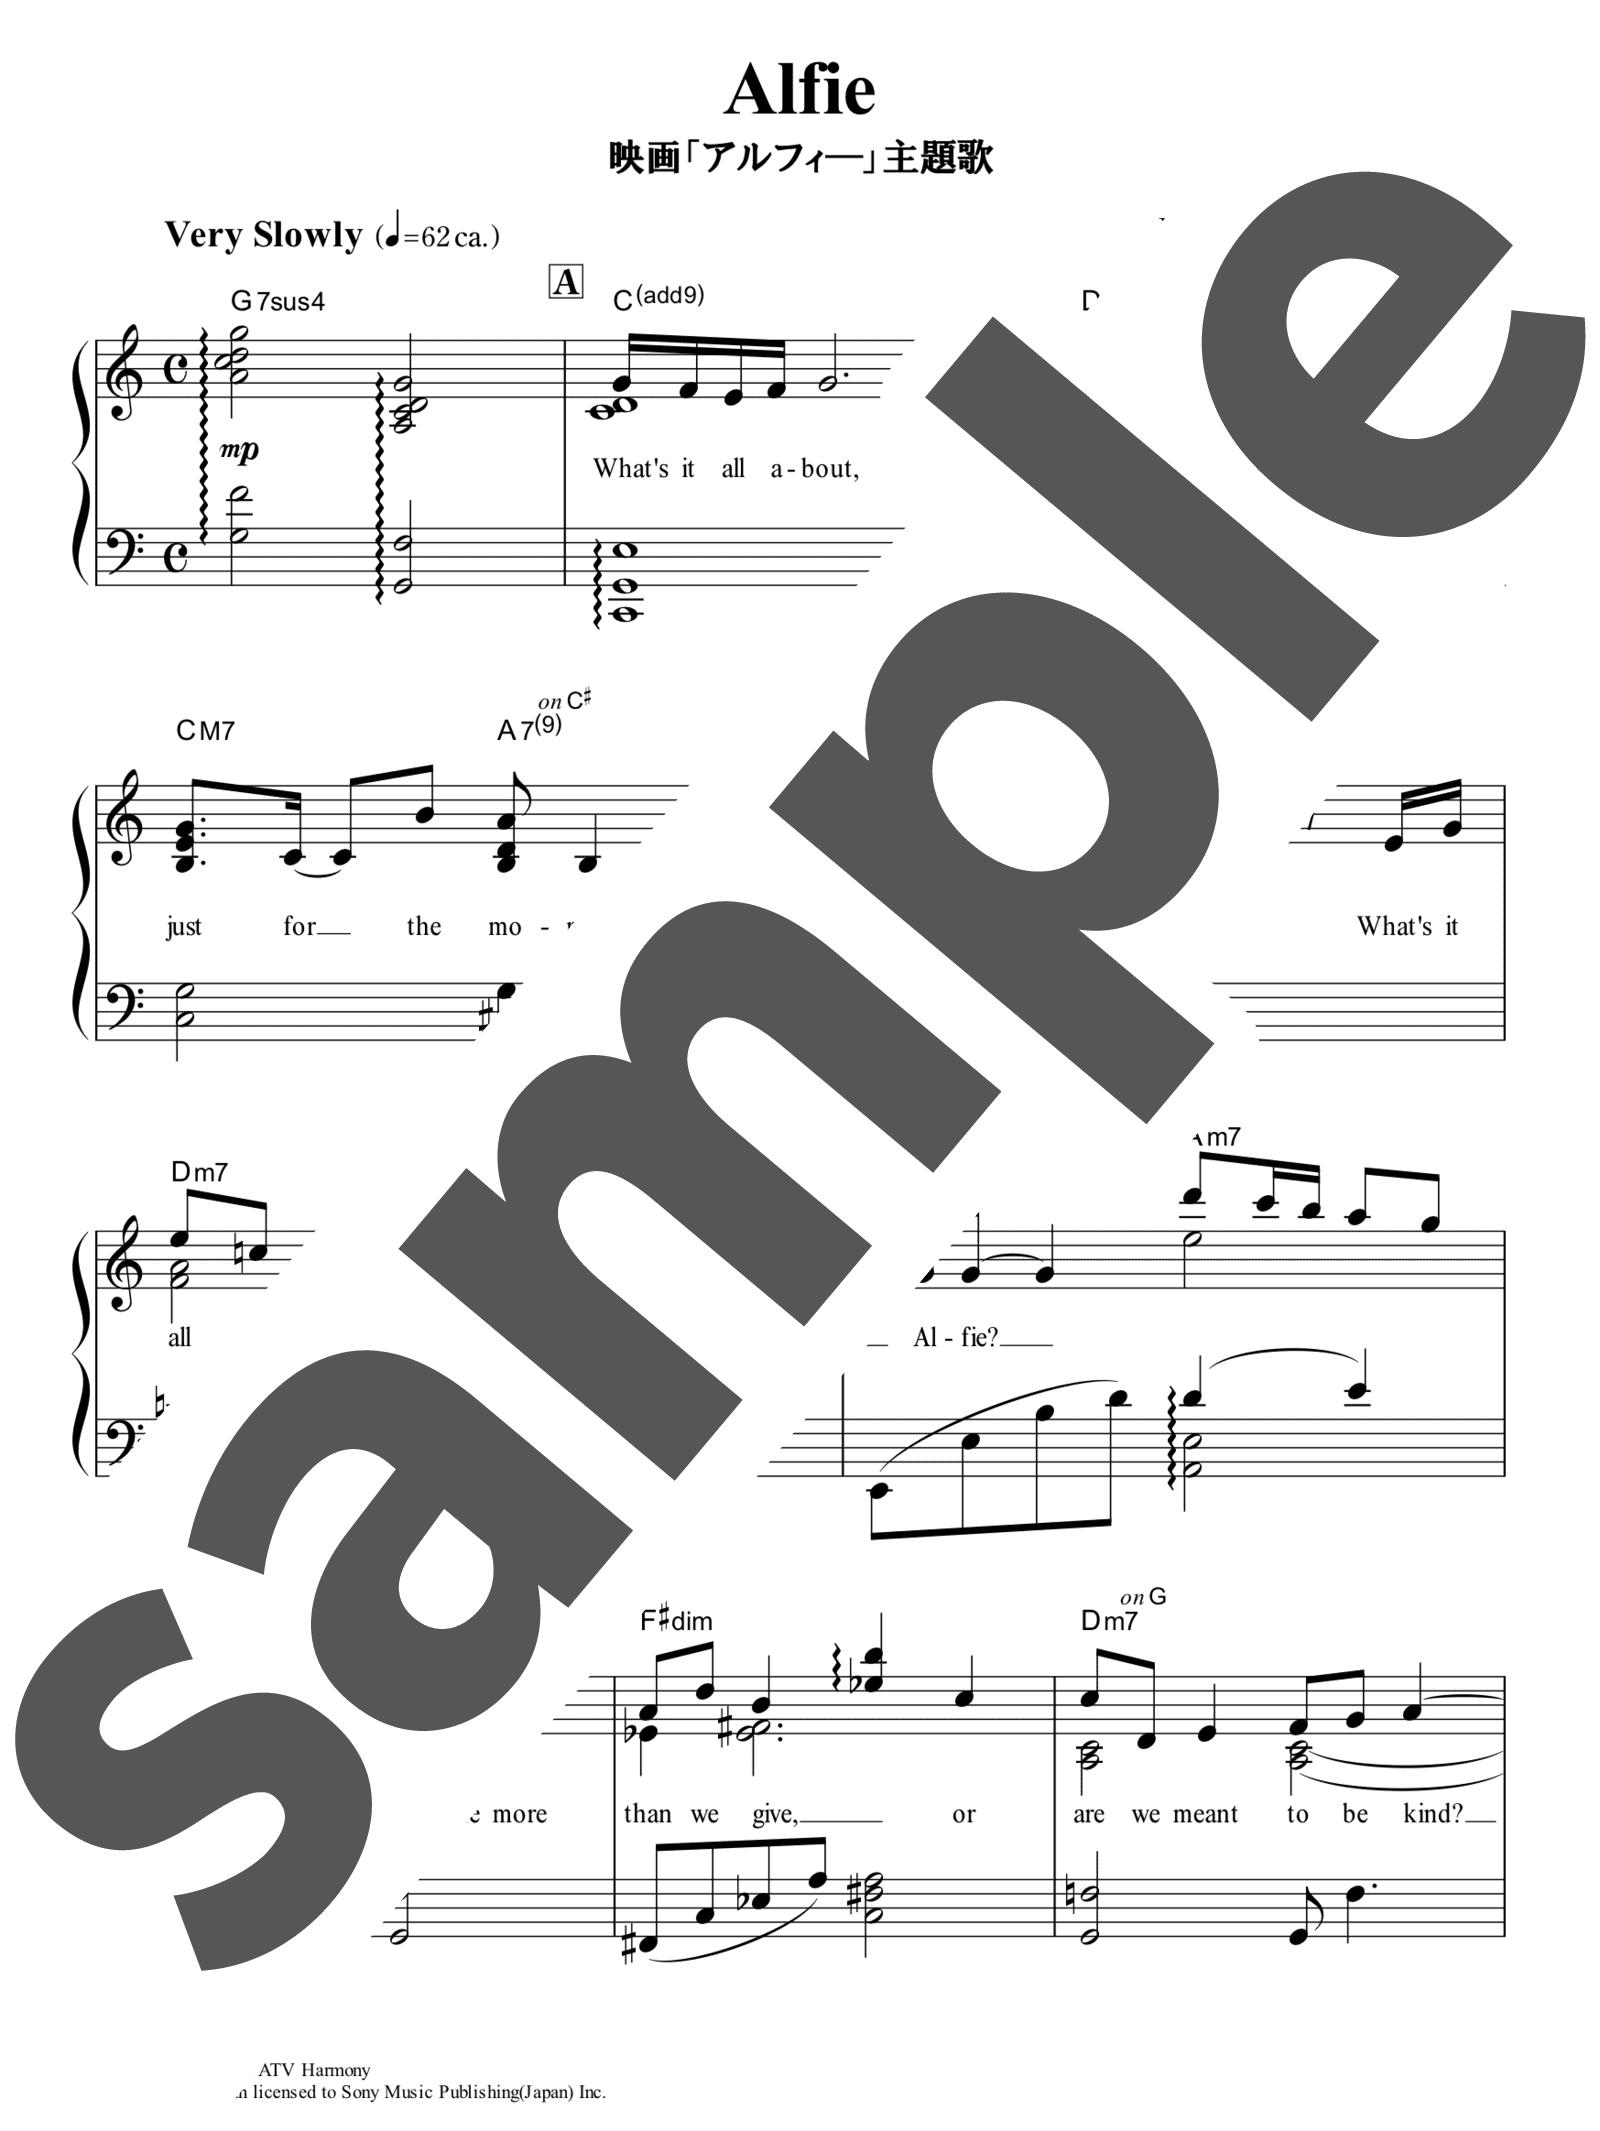 「アルフィー」のサンプル楽譜